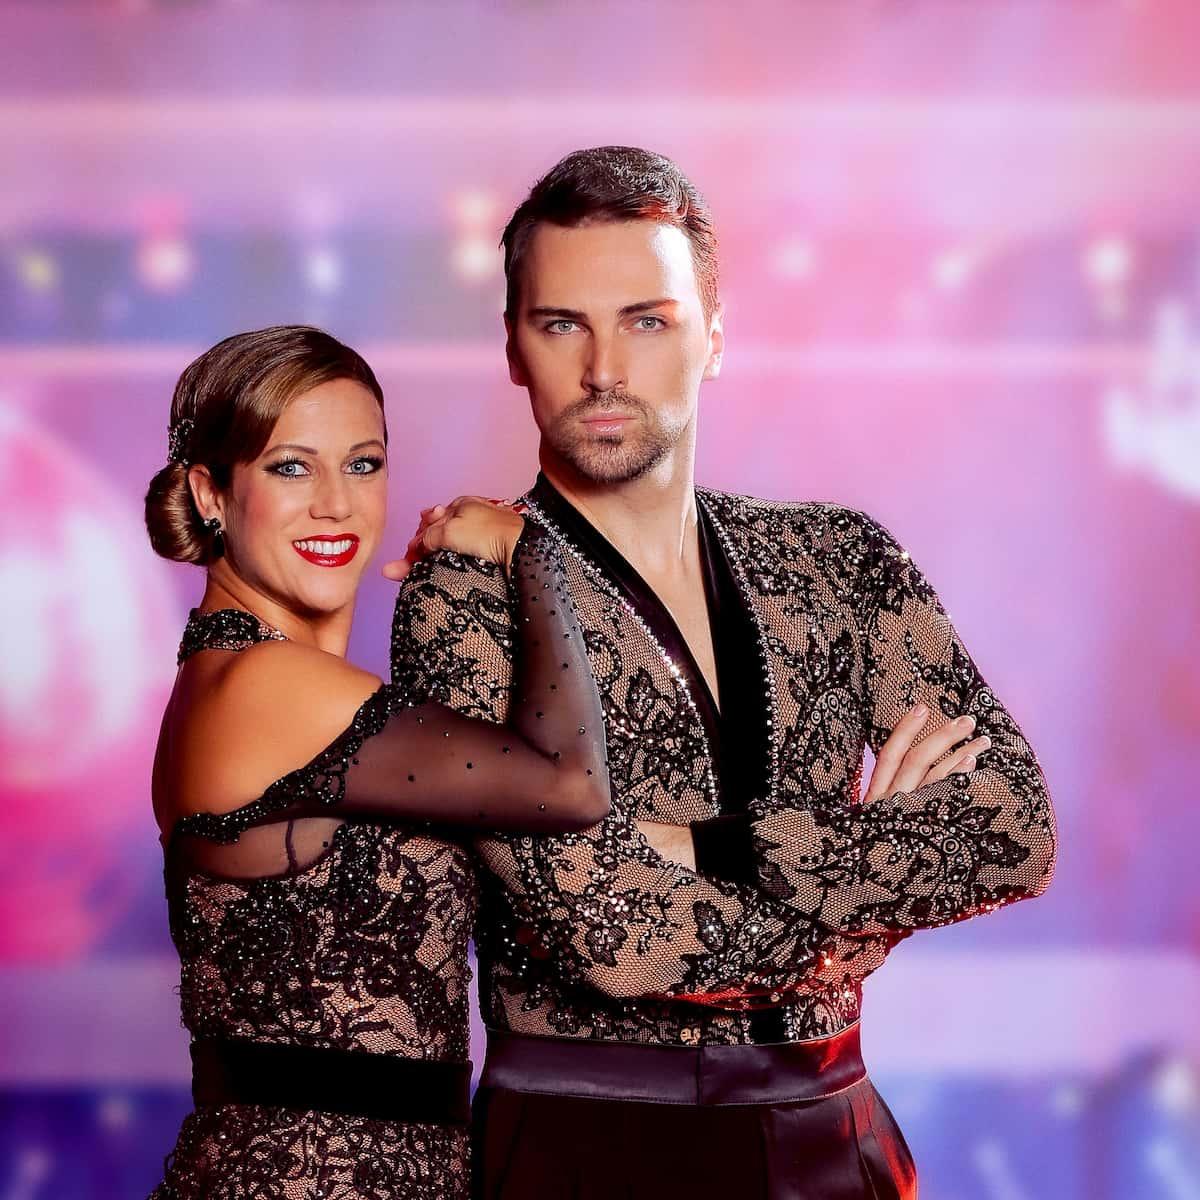 Niko Niko - Manuela Stöckl bereit für die Dancing Stars am 24.9.2021